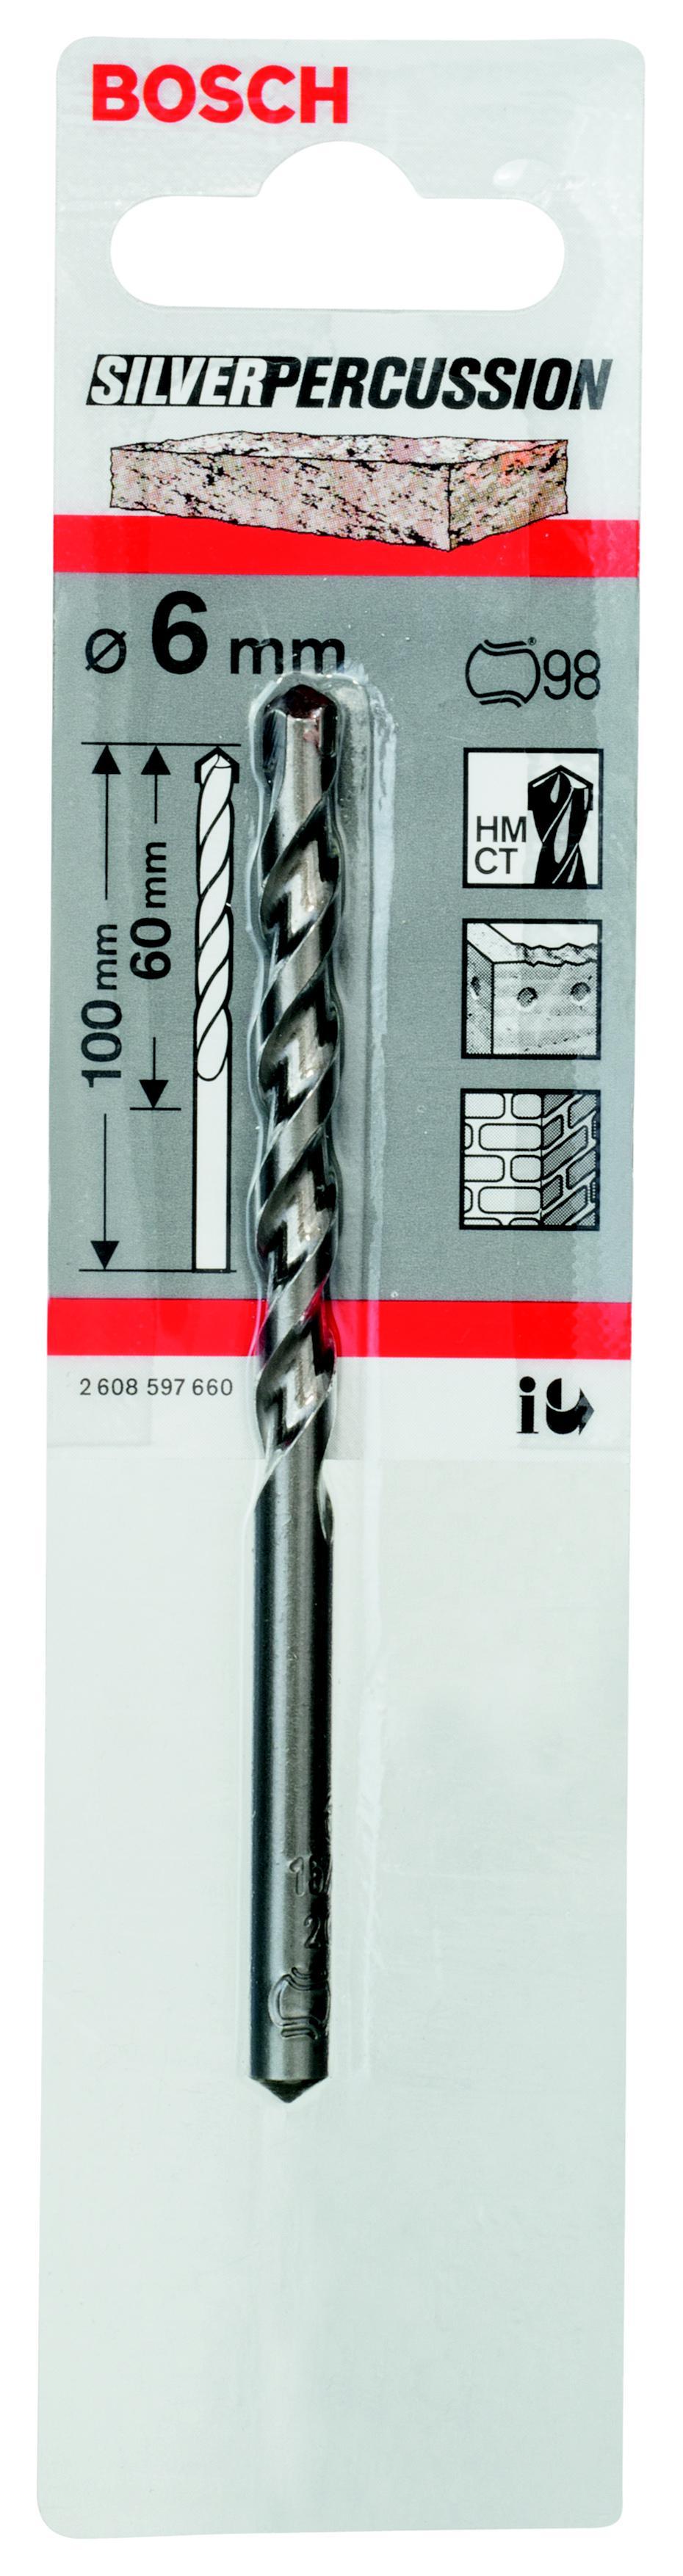 Сверло универсальное Bosch Cyl-3 6.0 мм (2.608.597.660) сверло универсальное bosch cyl 9 multiconstr